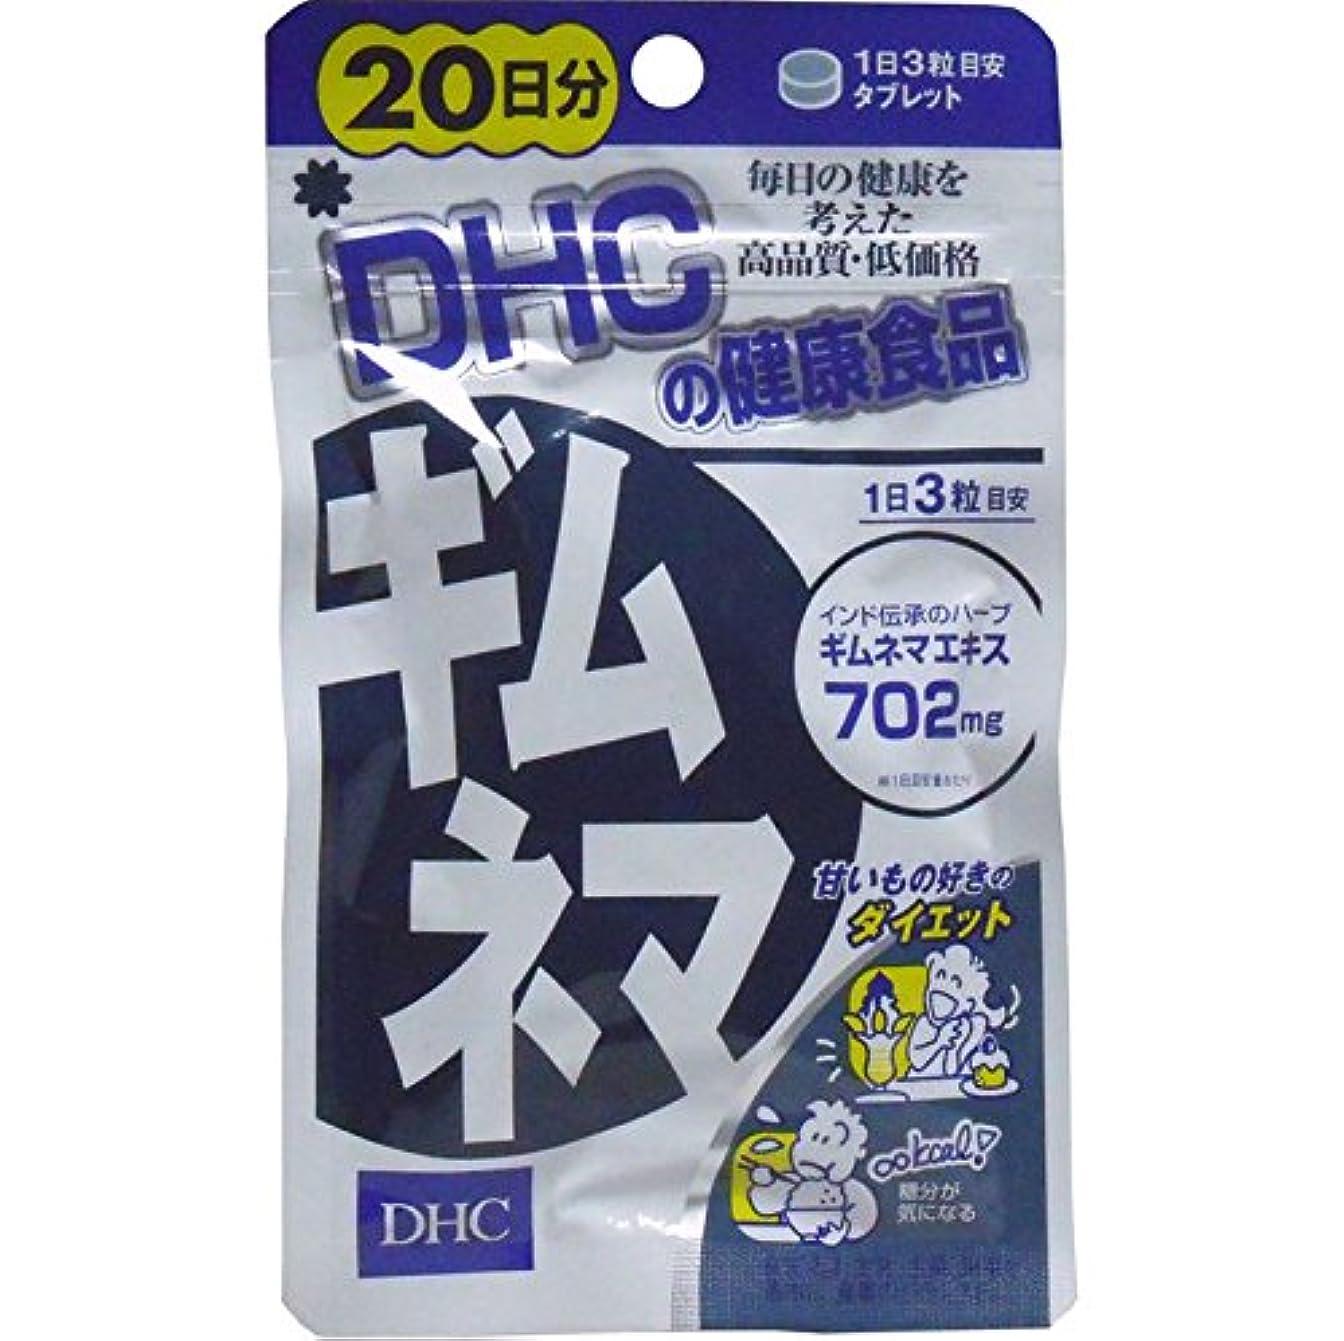 成人期アートトラクター大好きな「甘いもの」をムダ肉にしない DHC ギムネマ 20日分 60粒